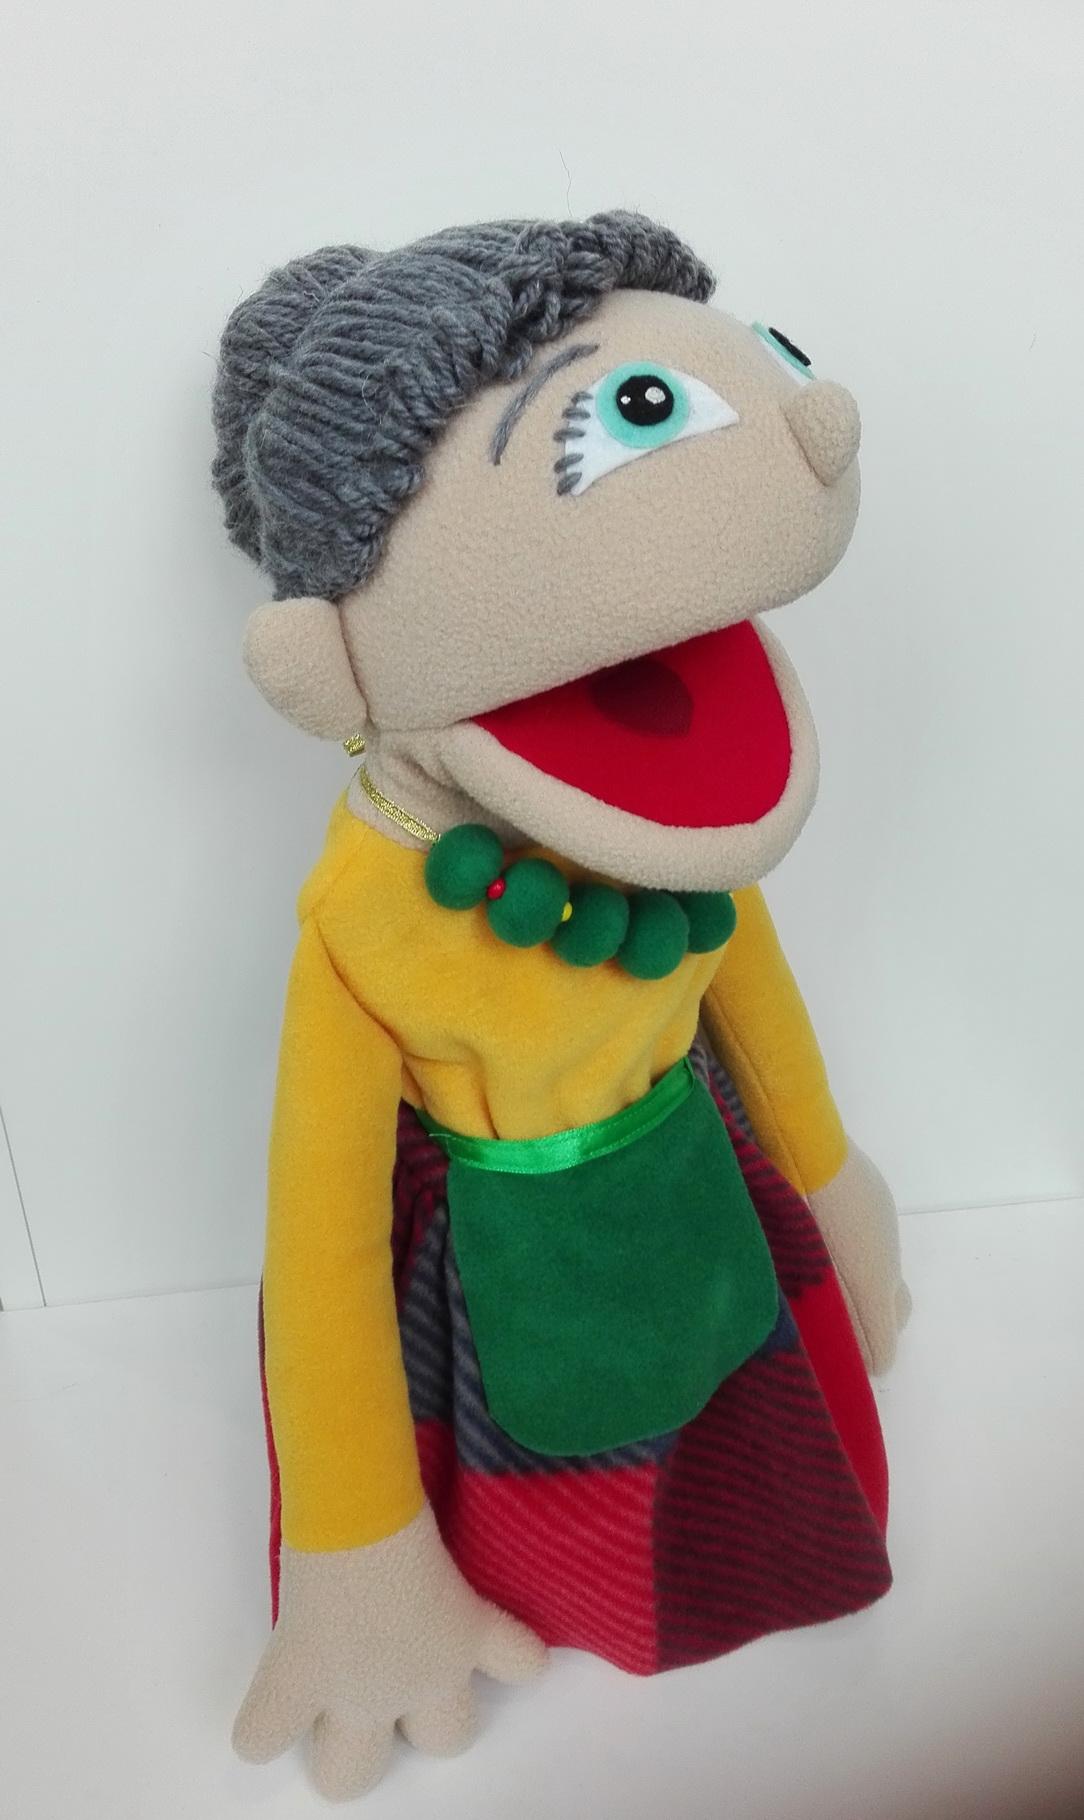 Кукла бабушка с открывающимся ртом для кукольного театра